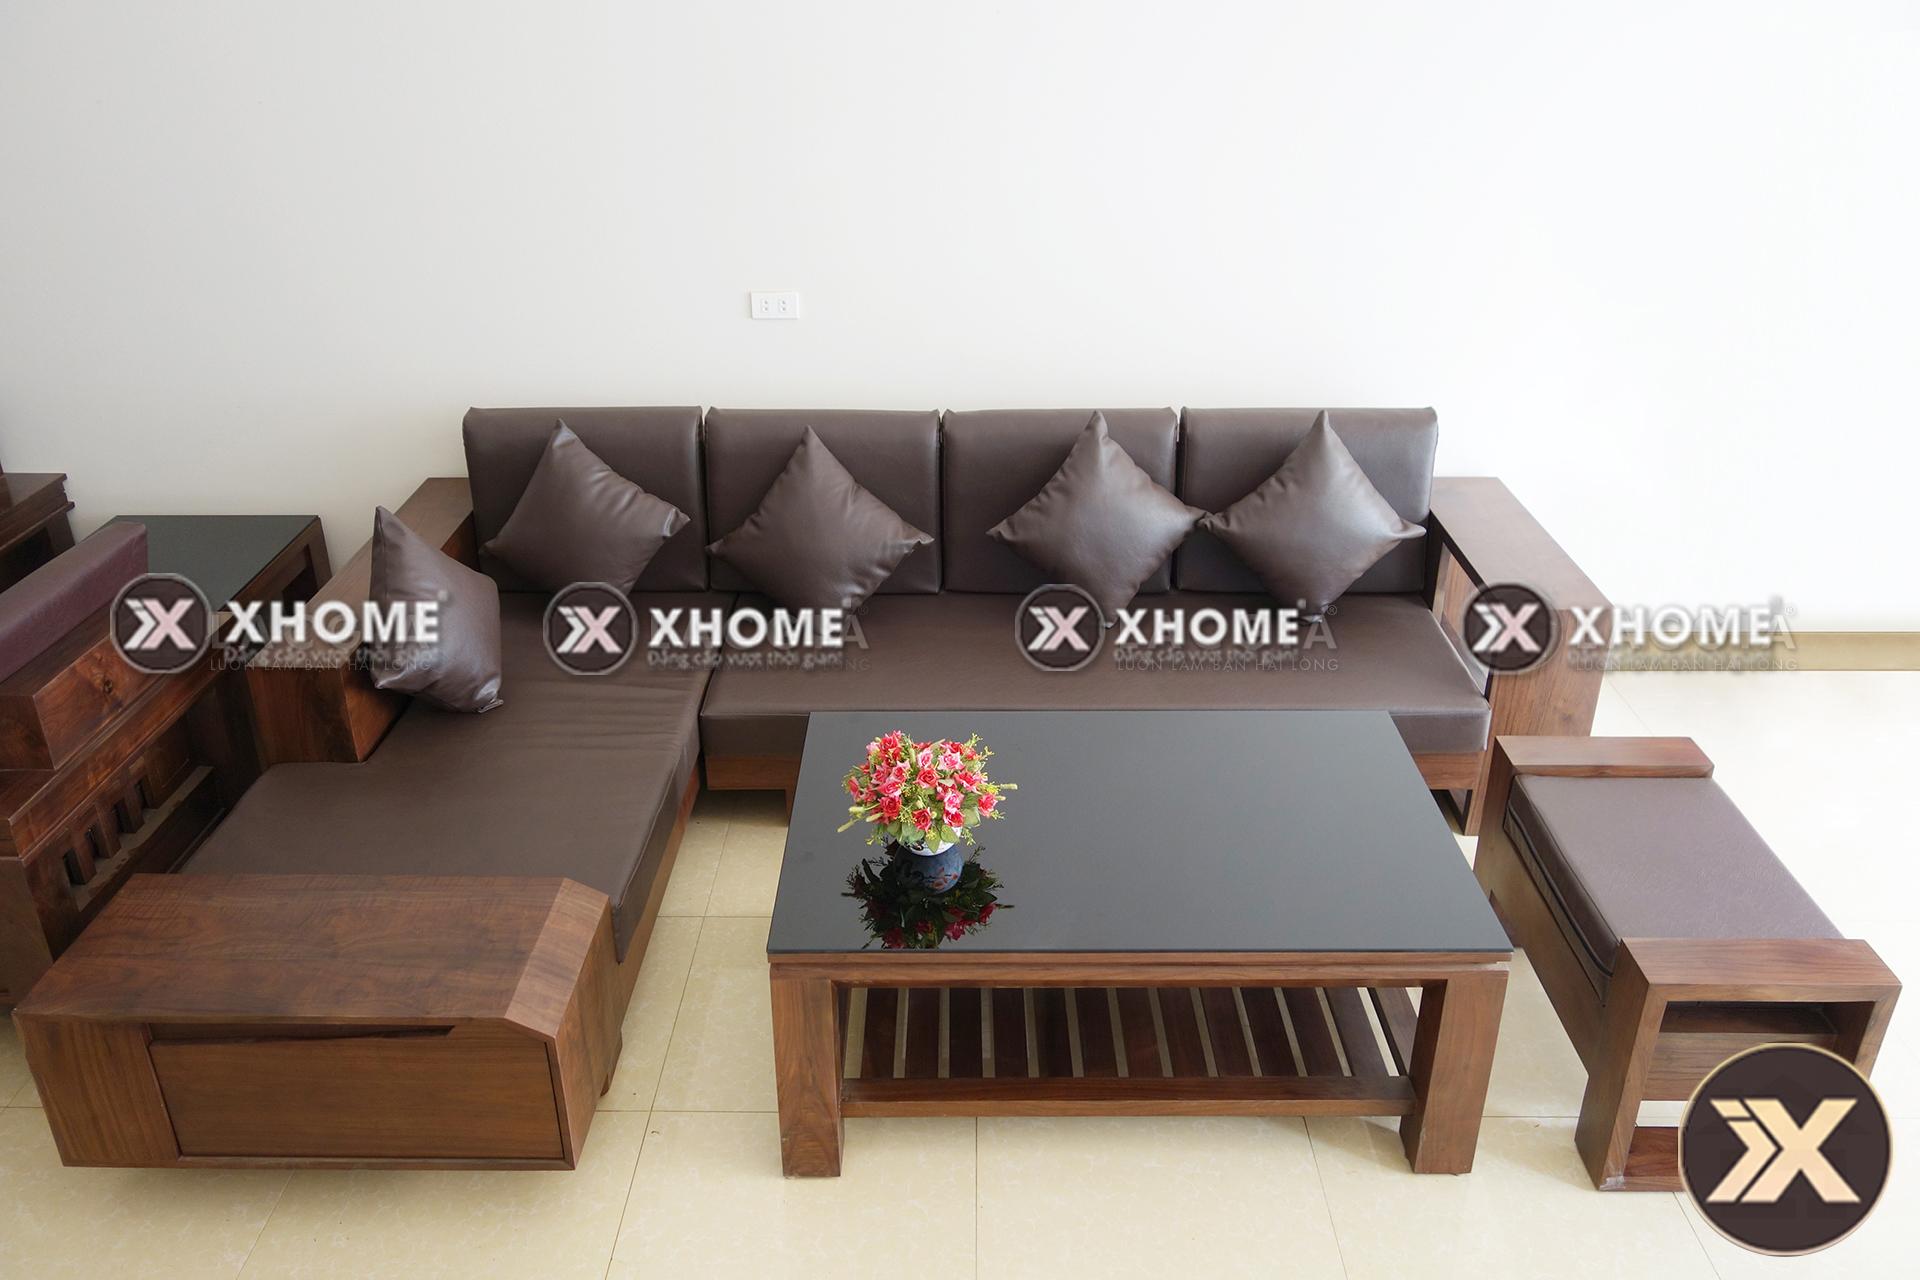 sofa go hien dai cao cap SF03 5 - Những kinh nghiệm của chuyên gia khi lựa chọn sofa gỗ phòng khách